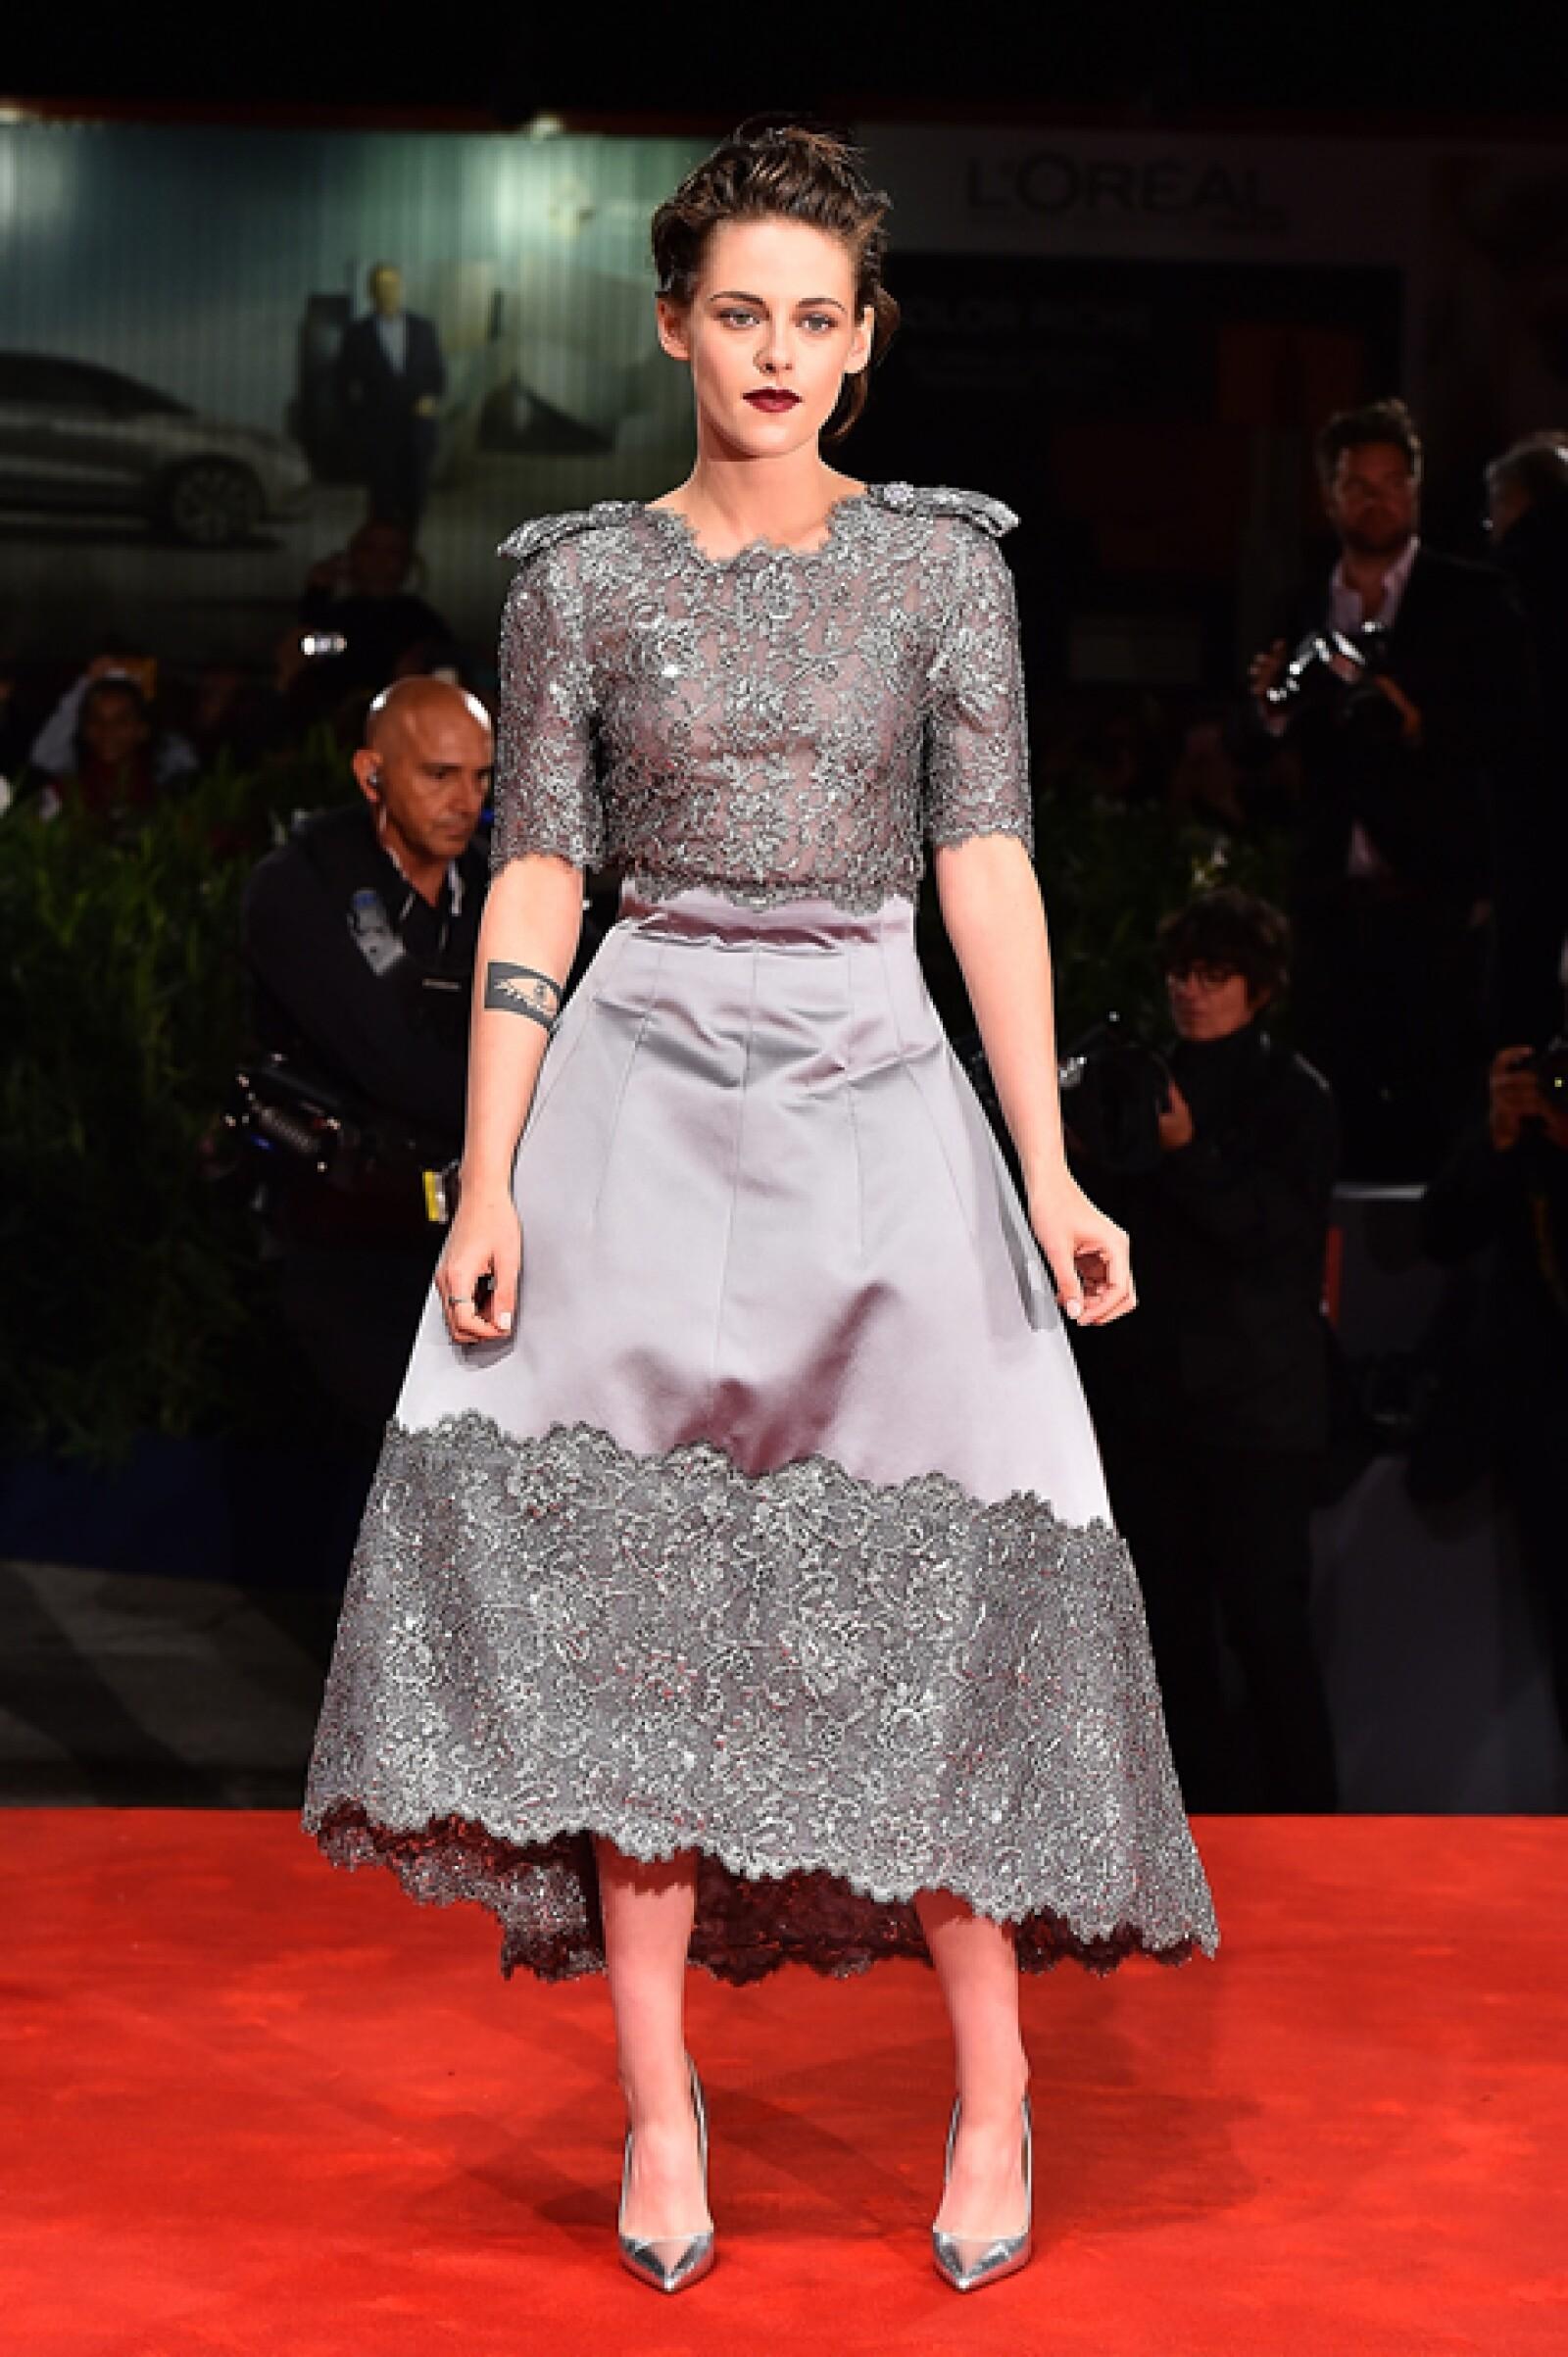 Kristen Stewart llevó un hermoso vestido de seda con encaje en color gris de Chanel de la temporada fall 2015 para premiere de `Equals´.